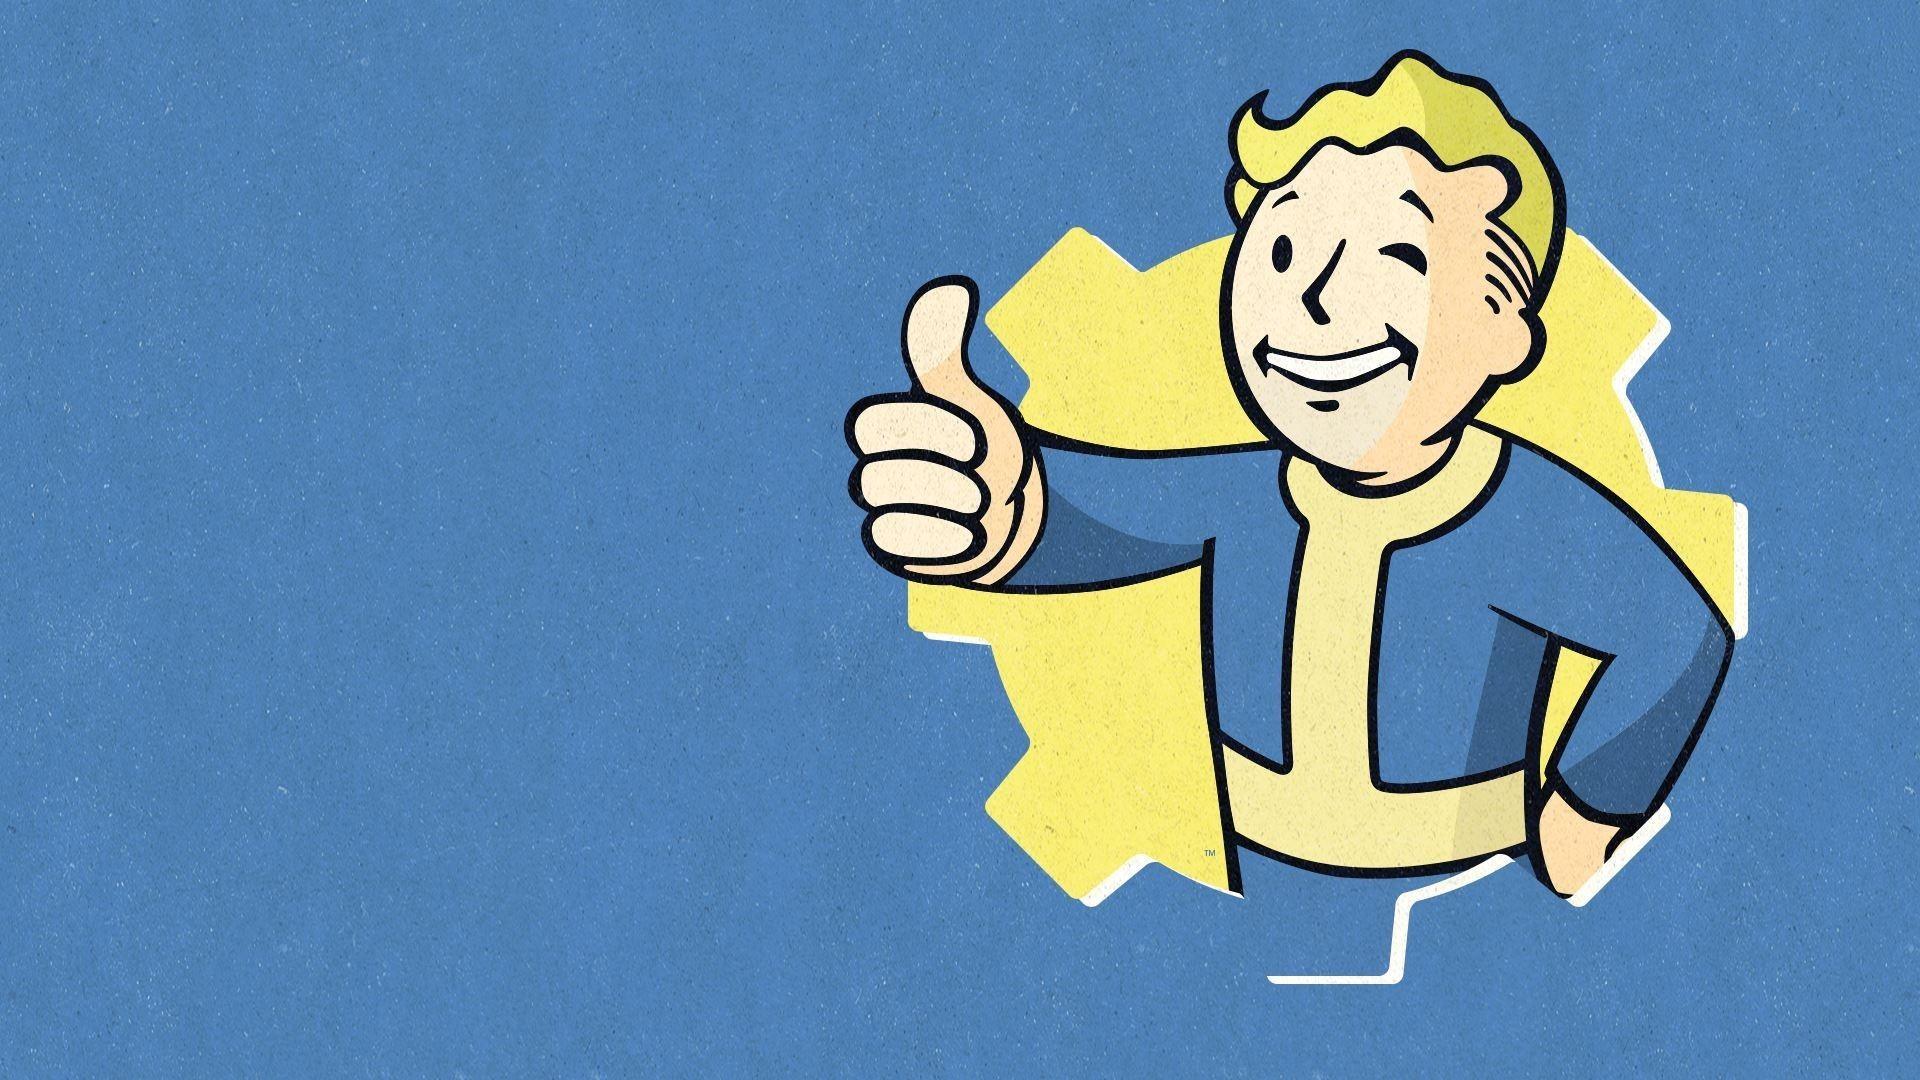 HD Fallout Vault Boy Wallpapers – HDWallSource.com